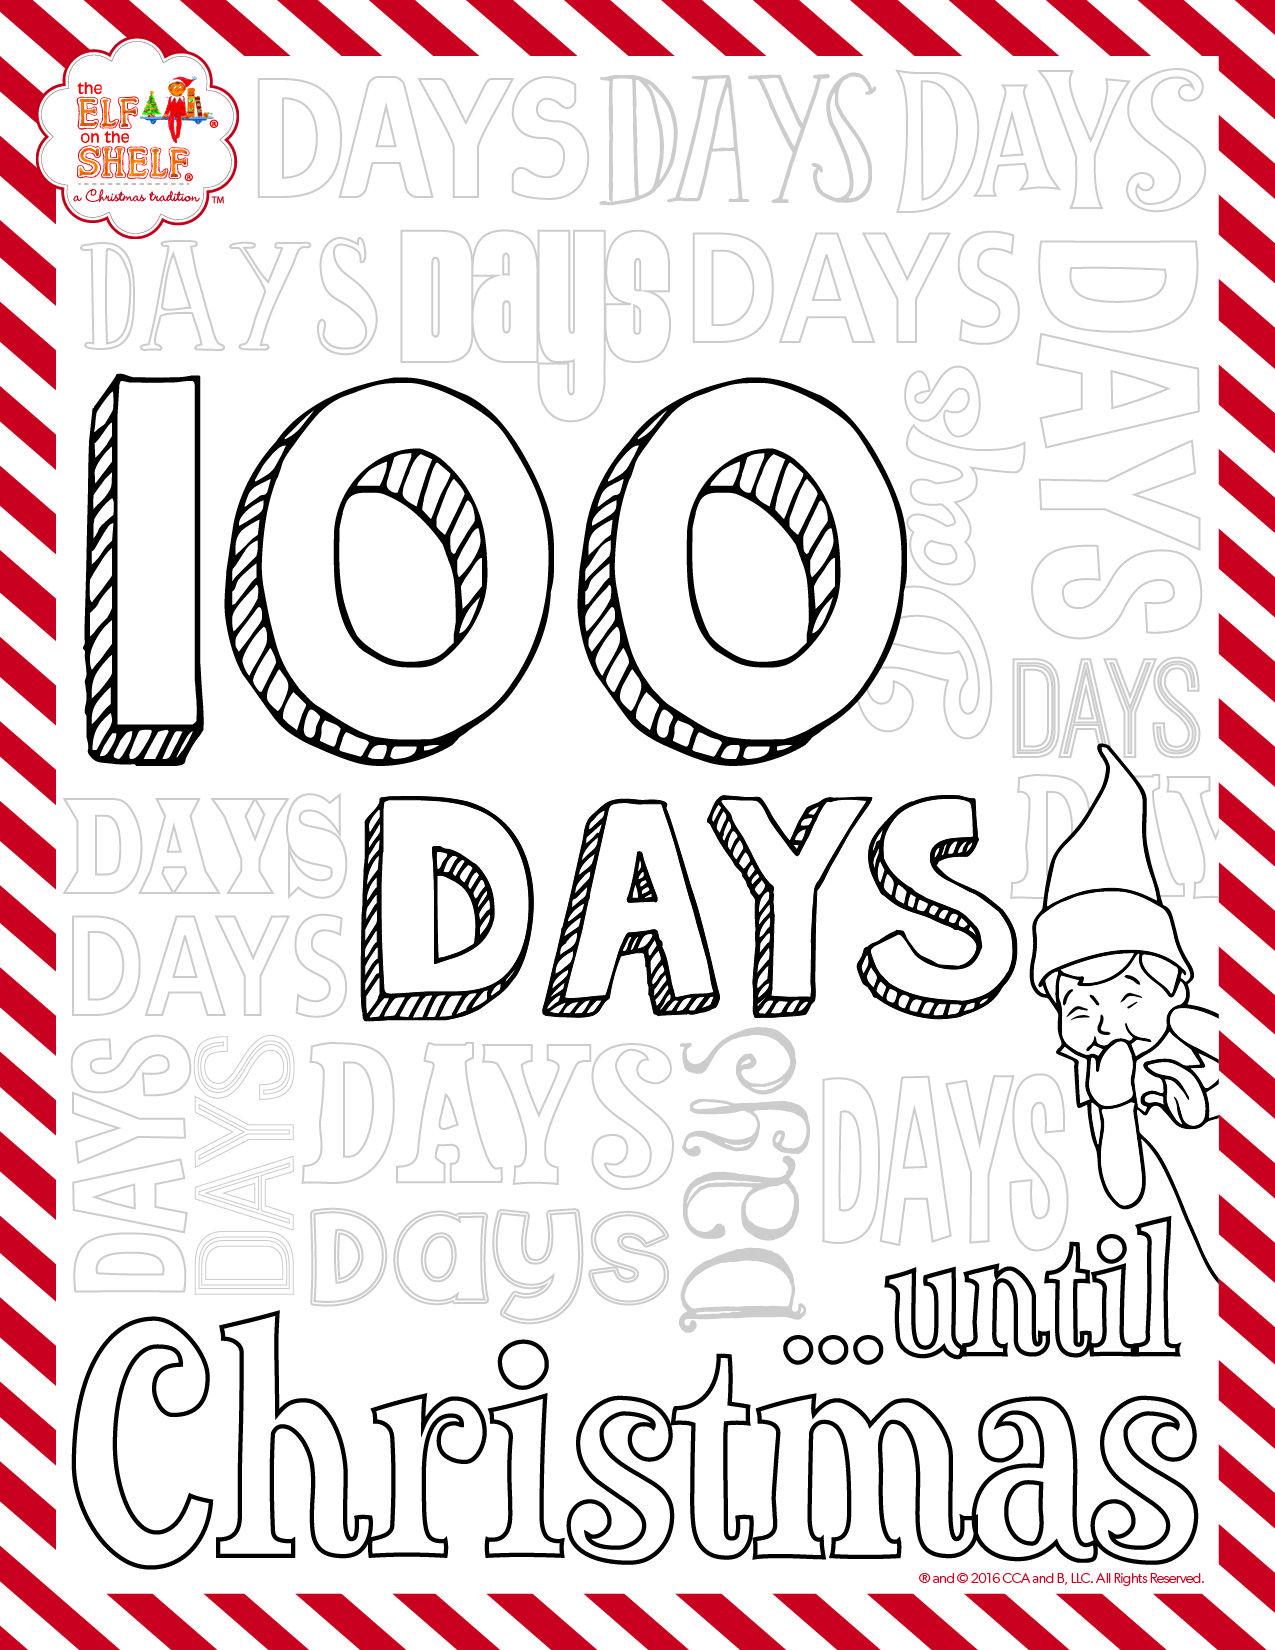 The Elf On The Shelf A Christmas Tradition Elf Crafts Awesome Elf On The Shelf Ideas Christmas Countdown Printable